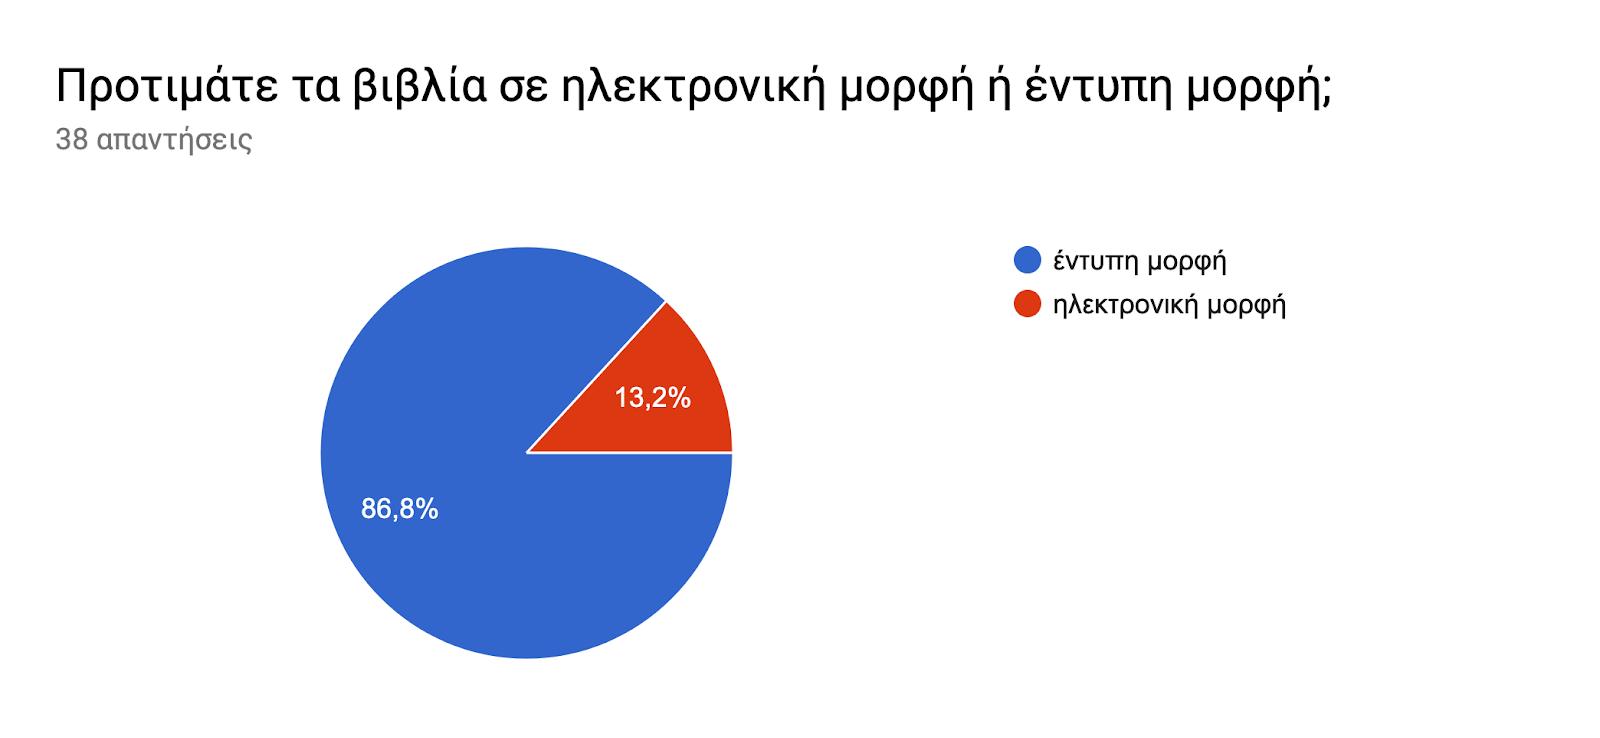 Γράφημα απάντησης φορμών. Τίτλος ερωτήματος: Προτιμάτε τα βιβλία σε ηλεκτρονική μορφή ή έντυπη μορφή;. Αριθμός απαντήσεων: 38 απαντήσεις.